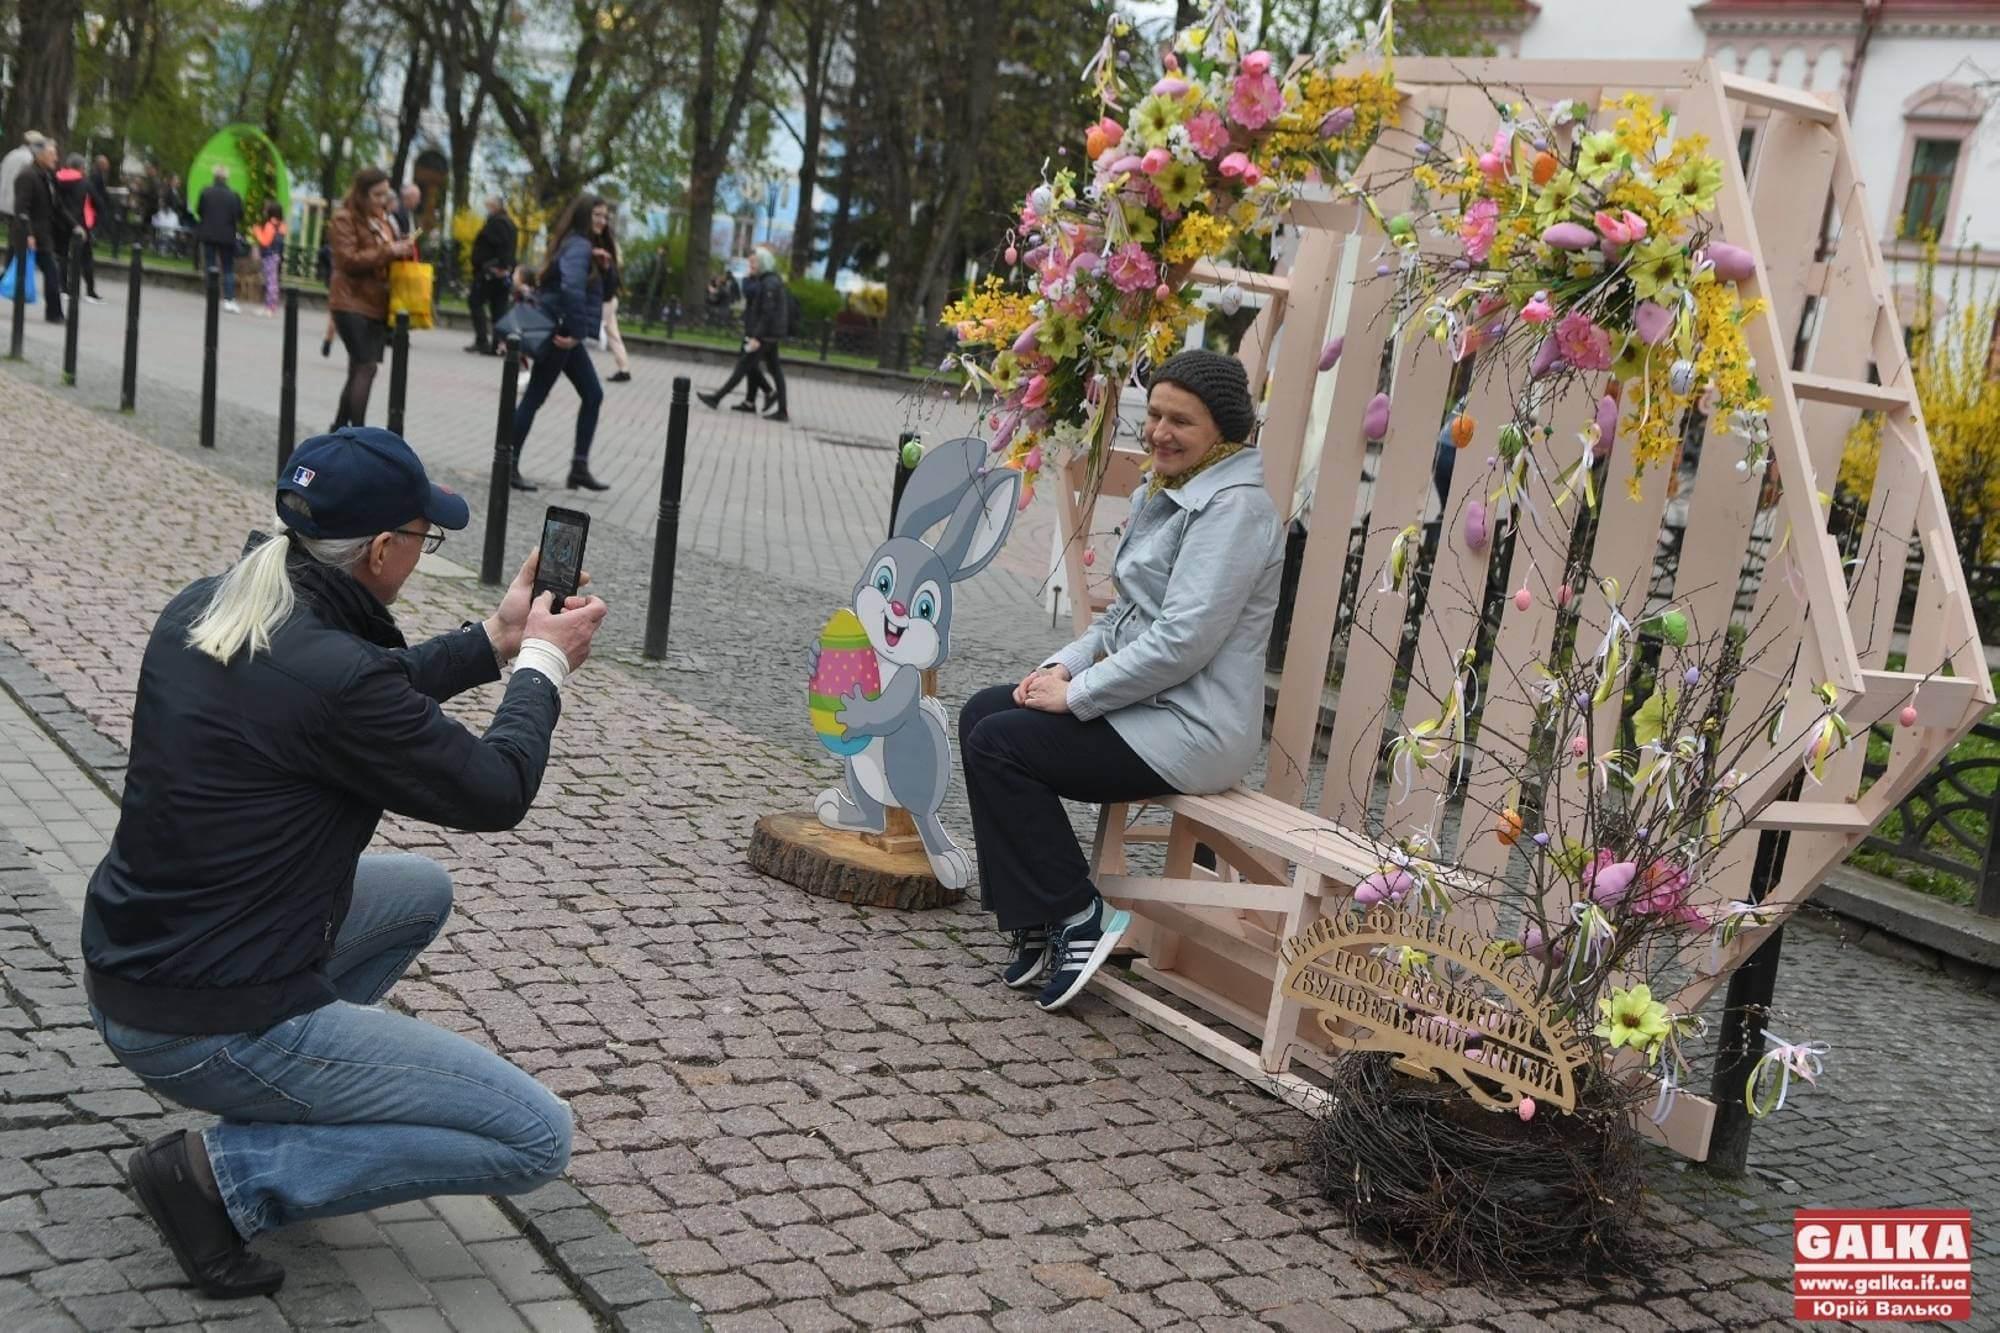 Квіти, кролики та яйця: у центрі Франківська облаштували фотозону до Великодня (ФОТО)